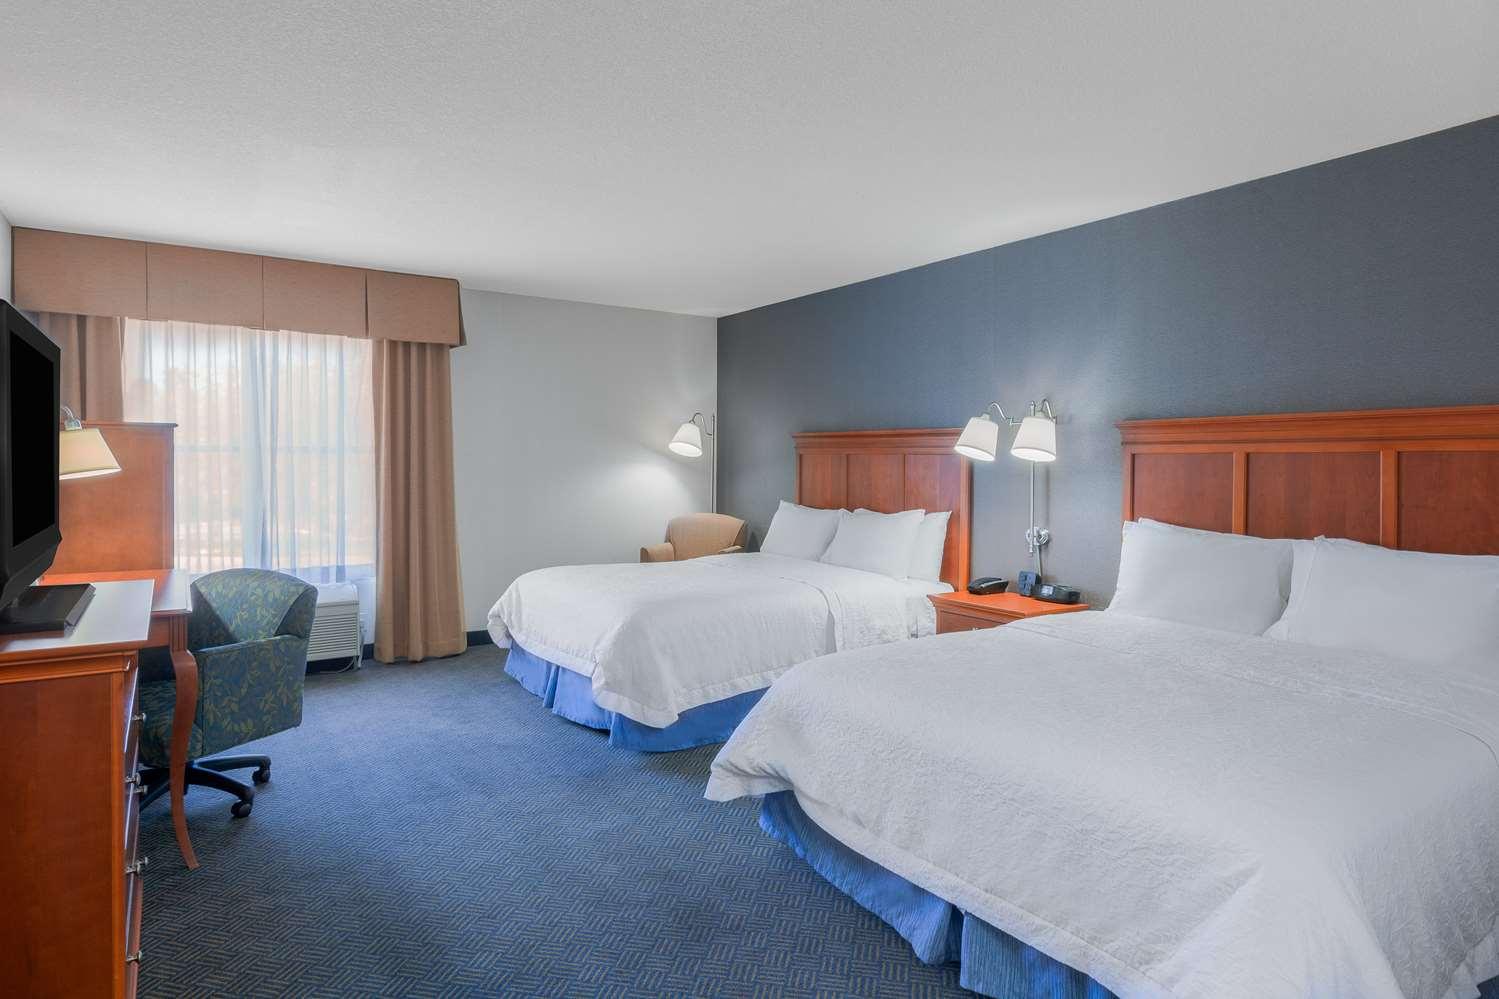 Double bed room Hampton Inn and Suites by Hilton San Marcos near San Diego Zoo Safari Park.